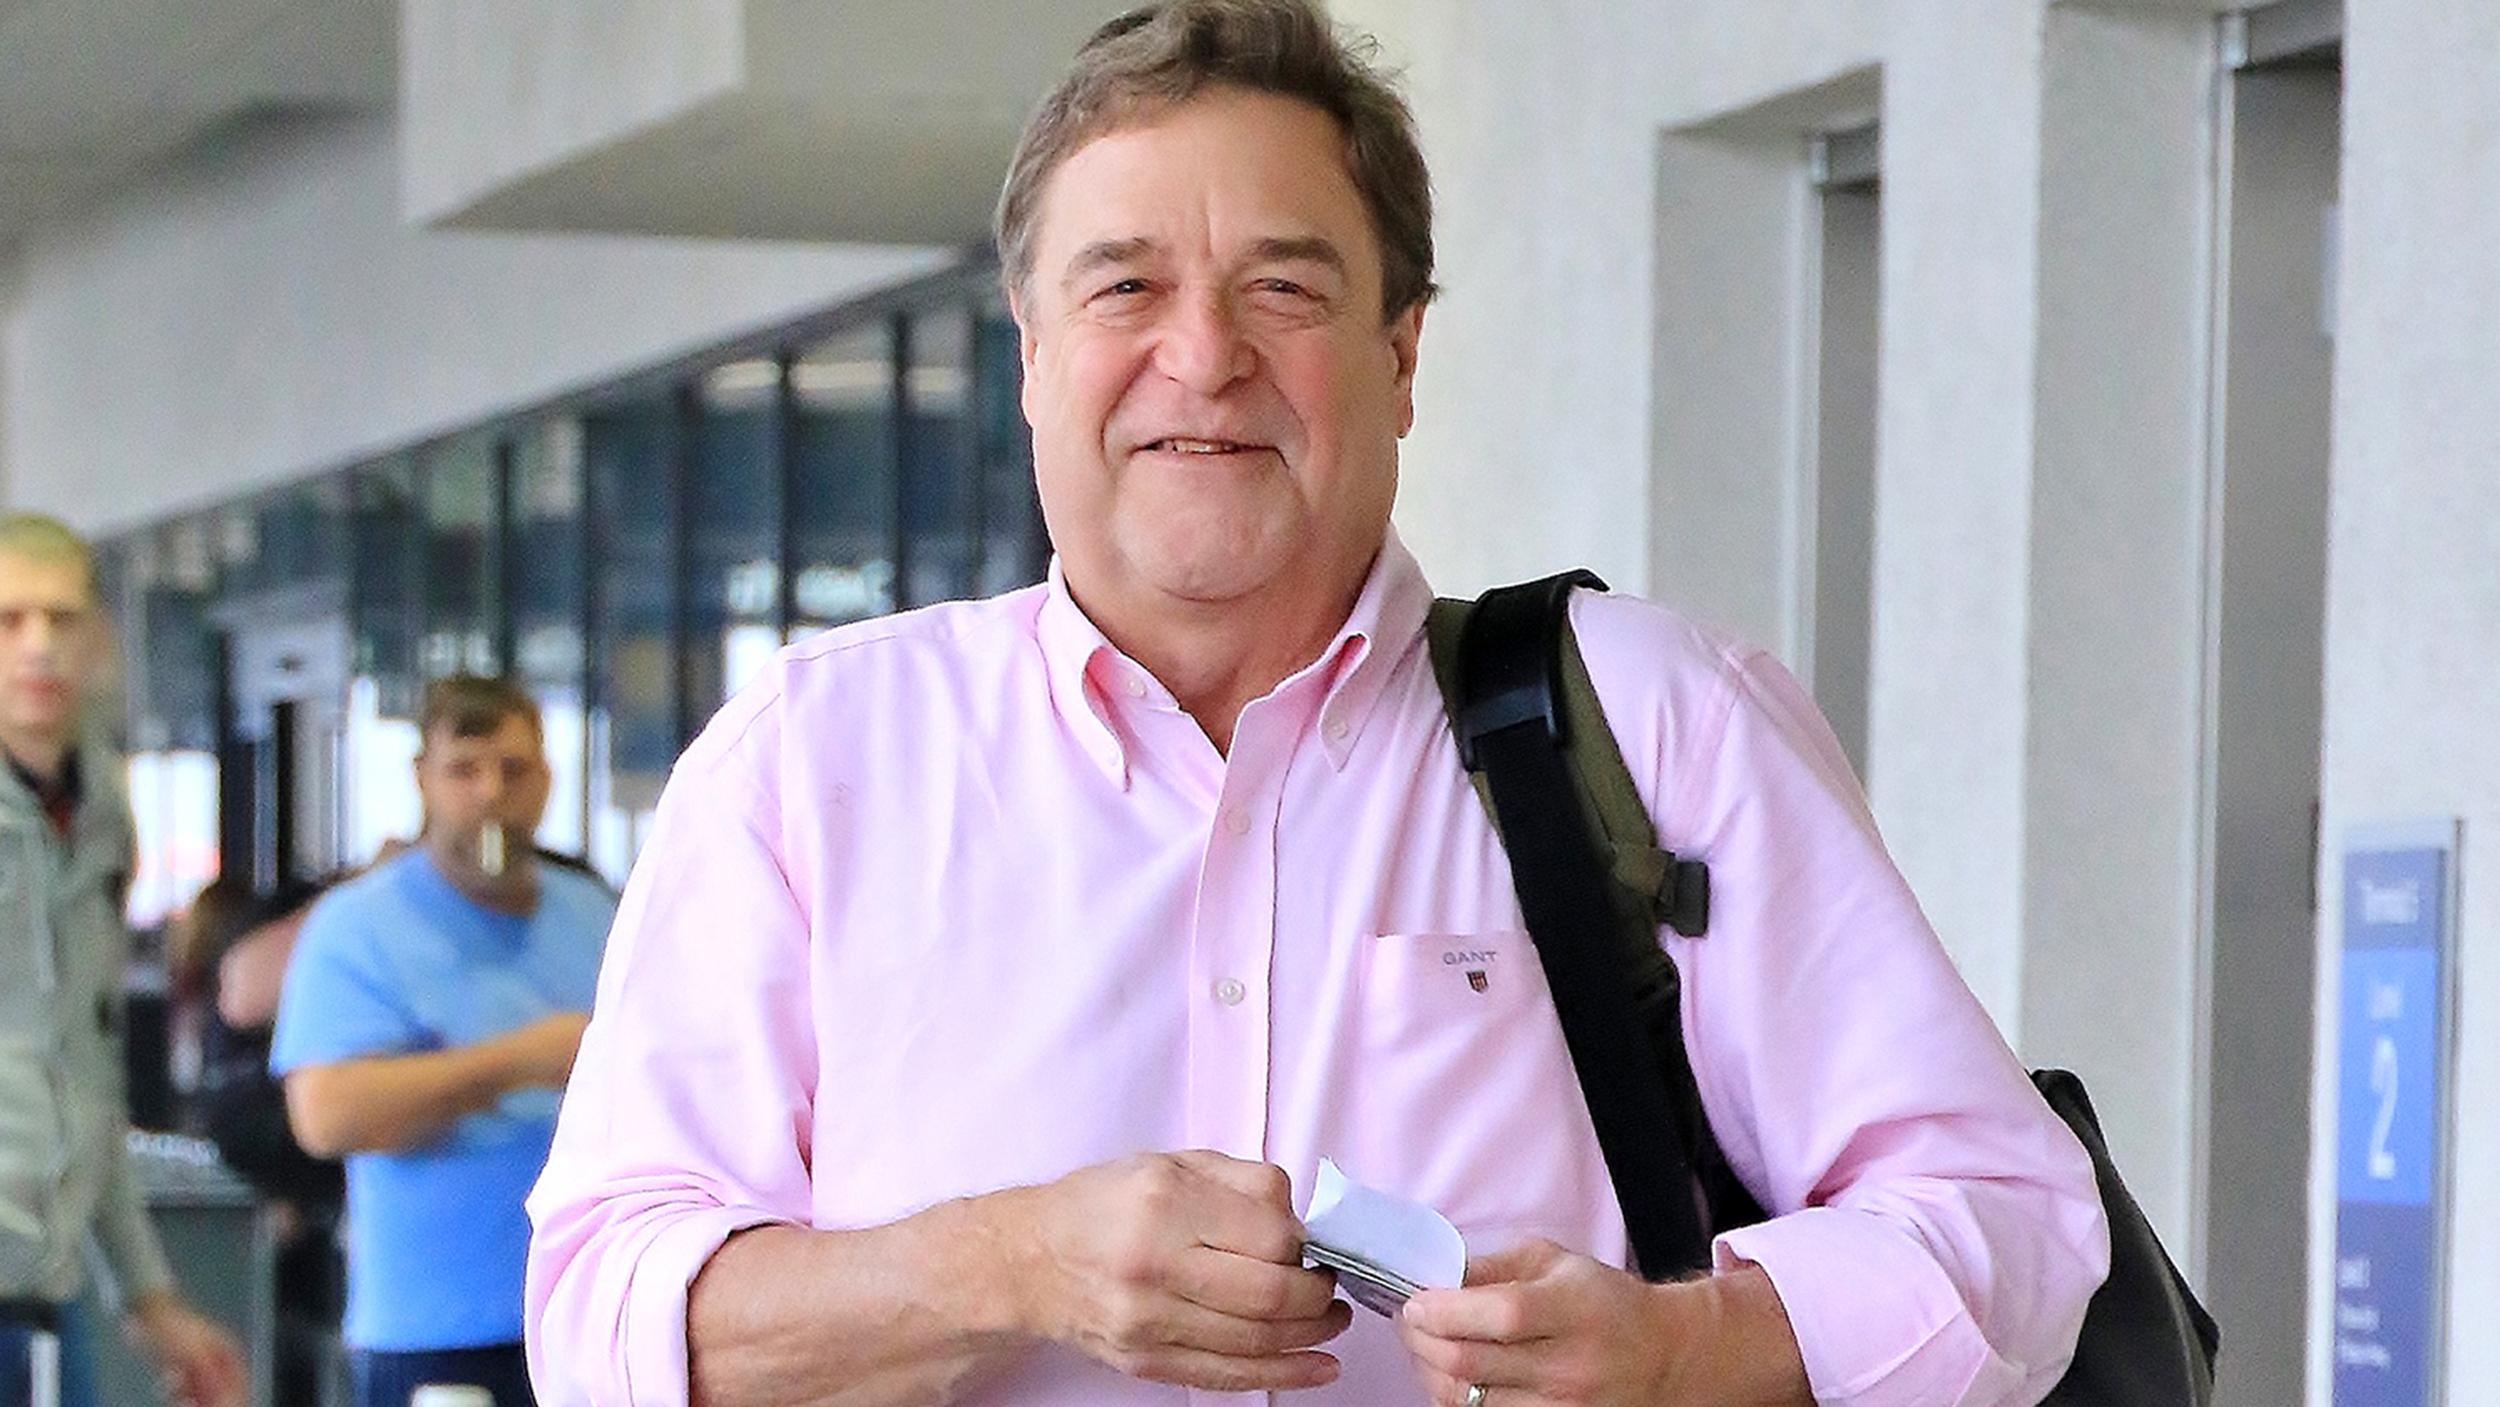 john goodman health